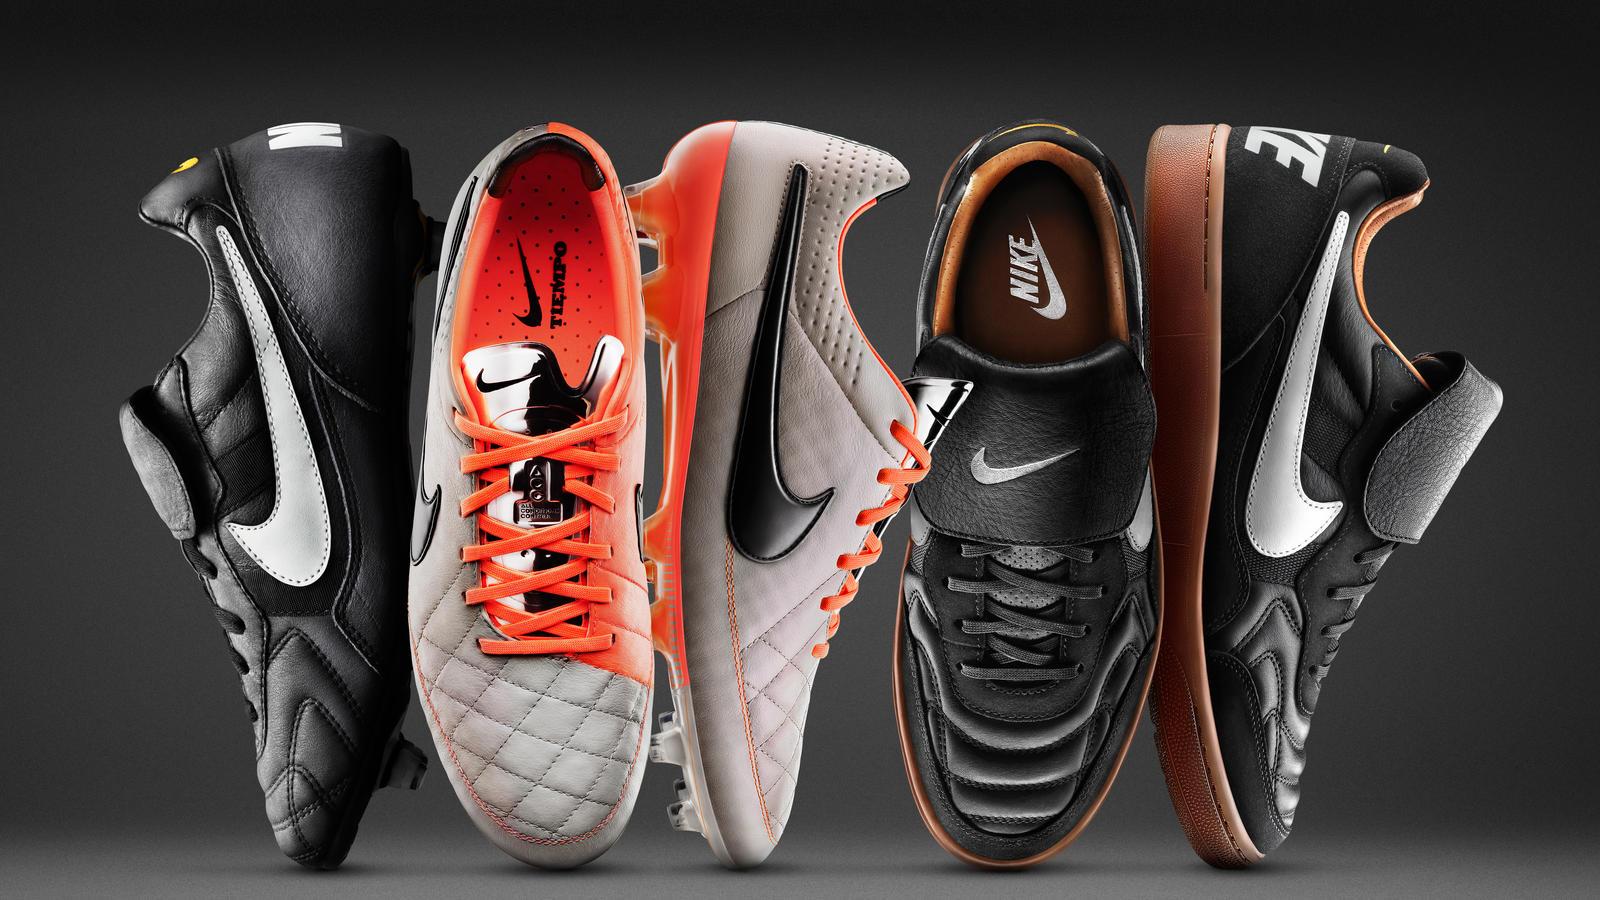 Nike Tiempo V Football Boots Tiempo '94 Trainers